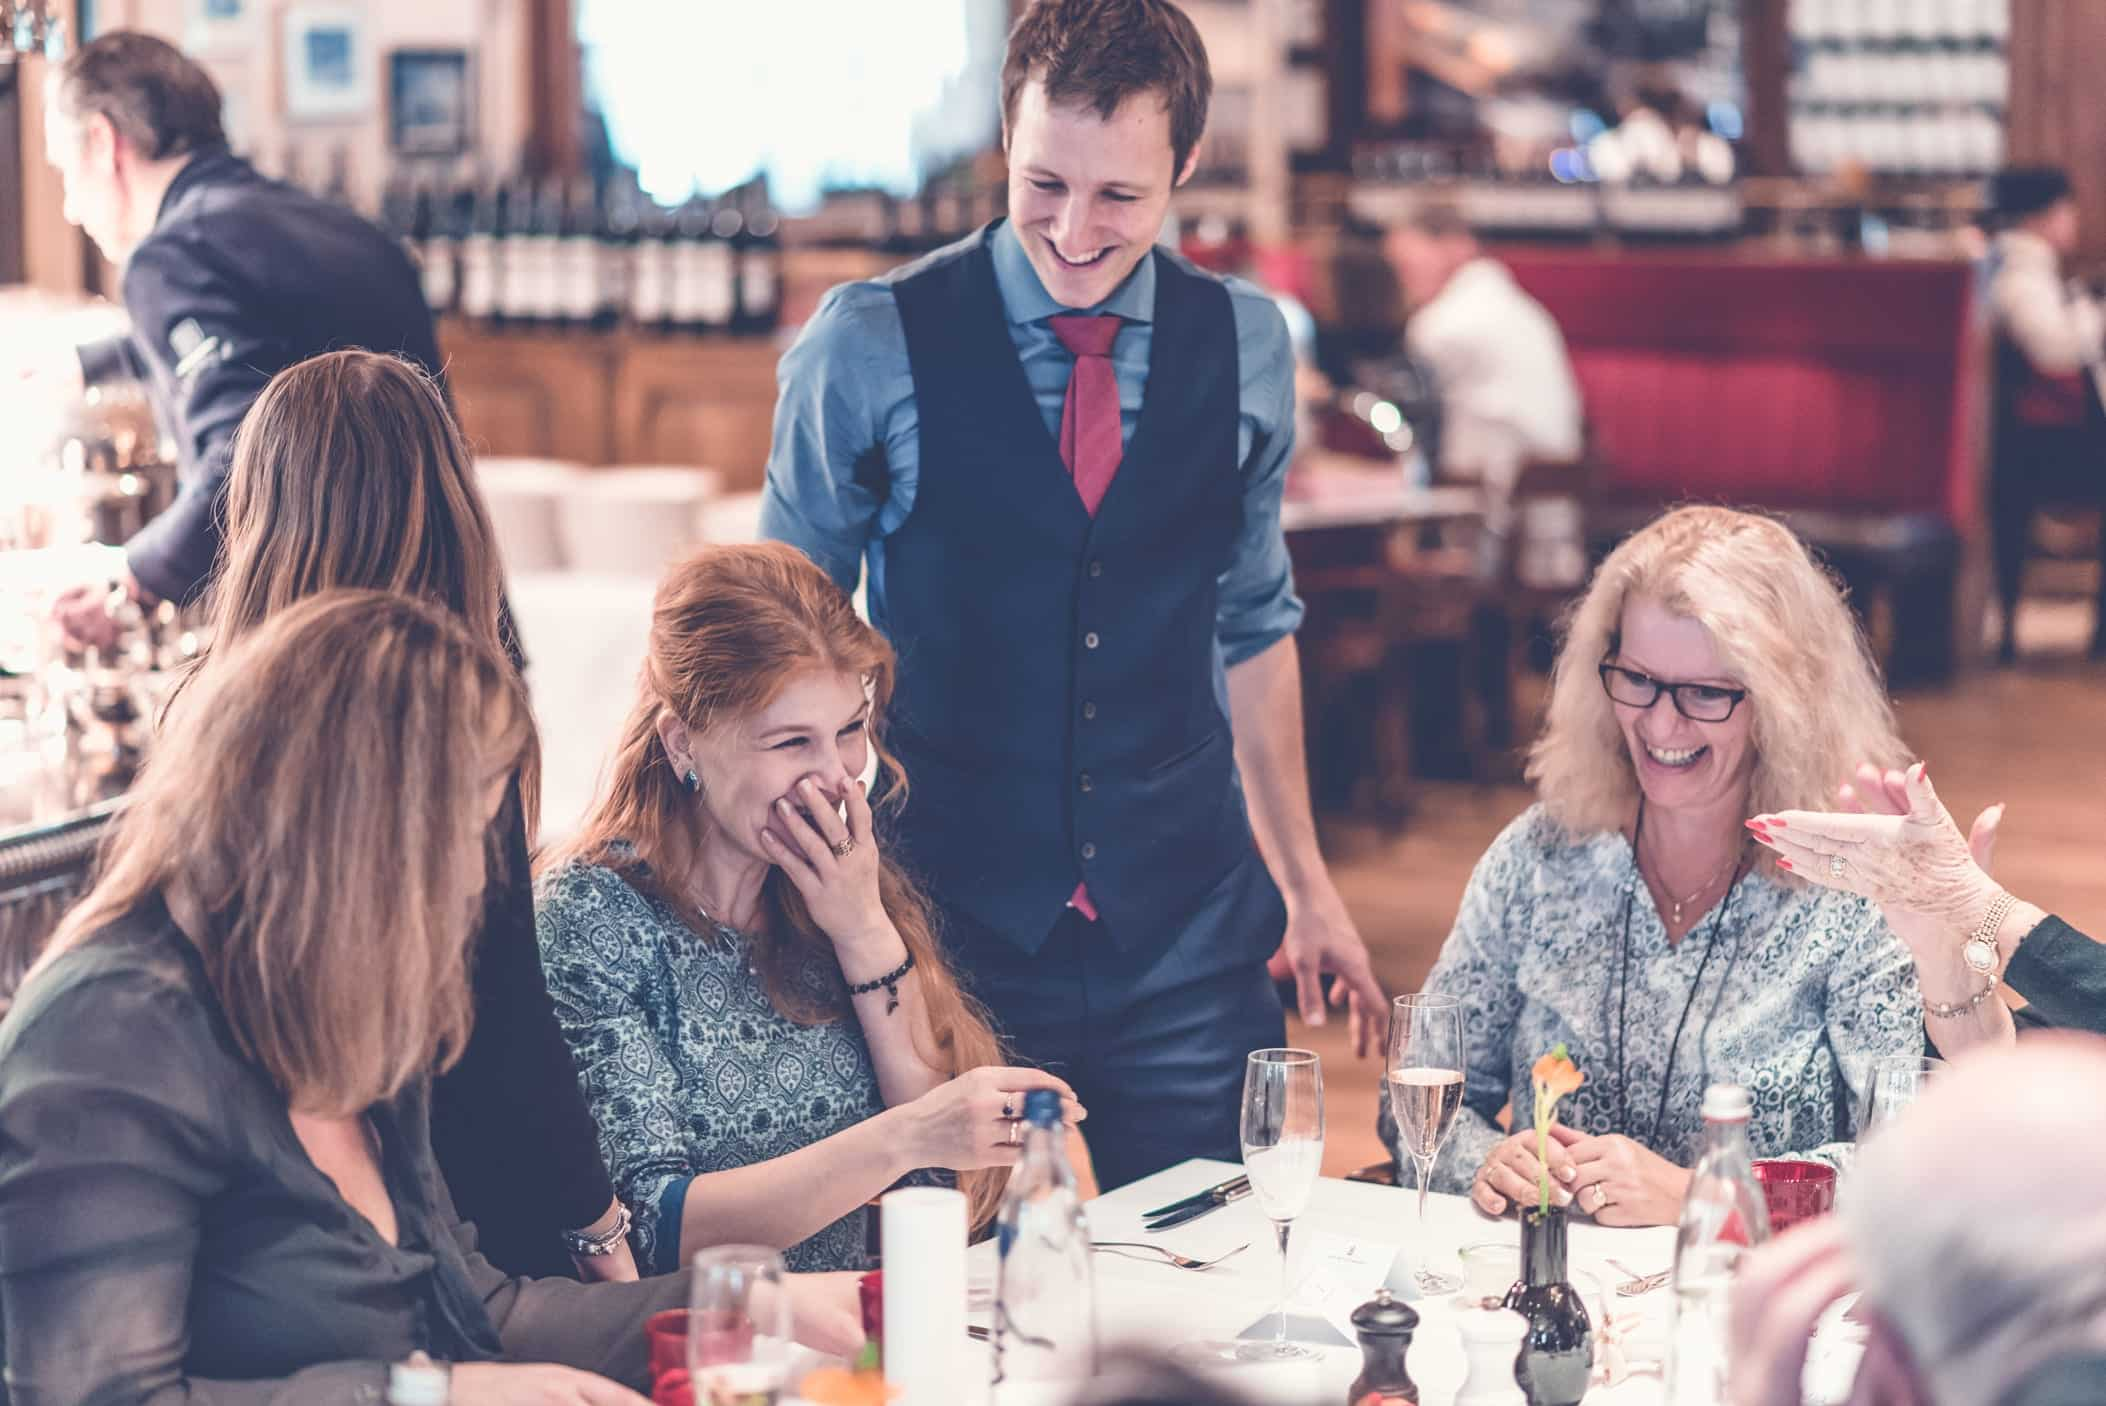 Die Gäste auf einer Feier sitzen am Tisch und lachen und staunen zusammen über die Illusionen des Magiers.